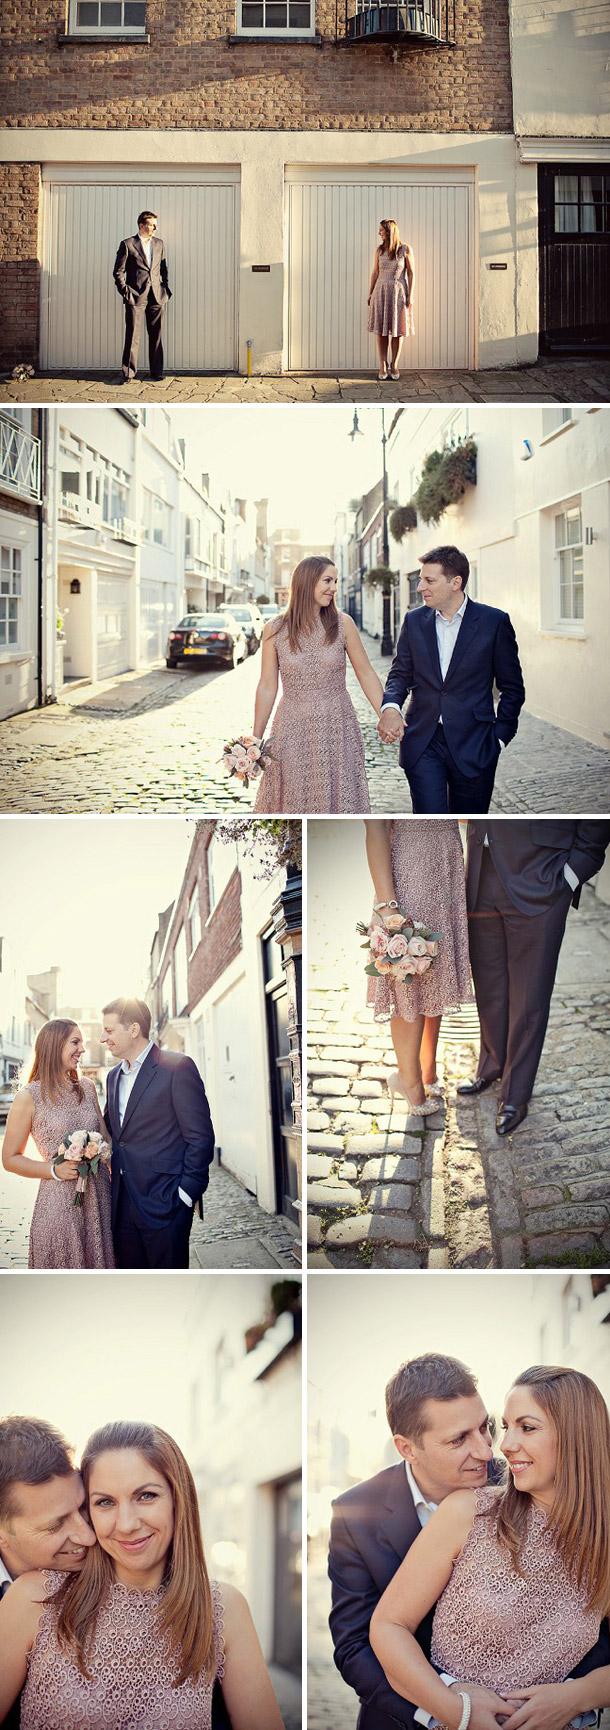 Amanda und Nicks Verlobung bei Marianne Taylor Photography